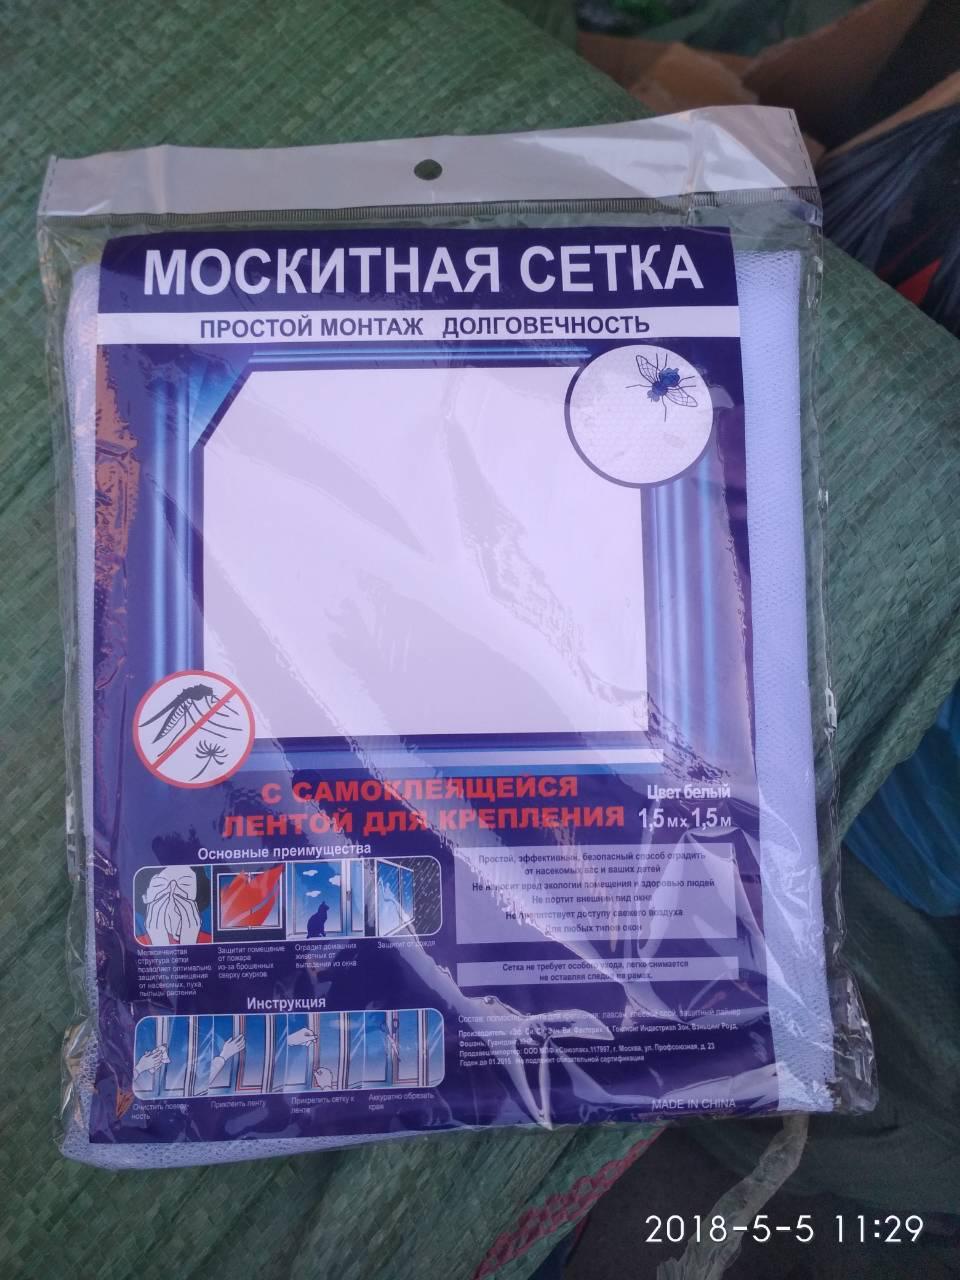 Оконная москитная сетка,размеры 1.5х1.5